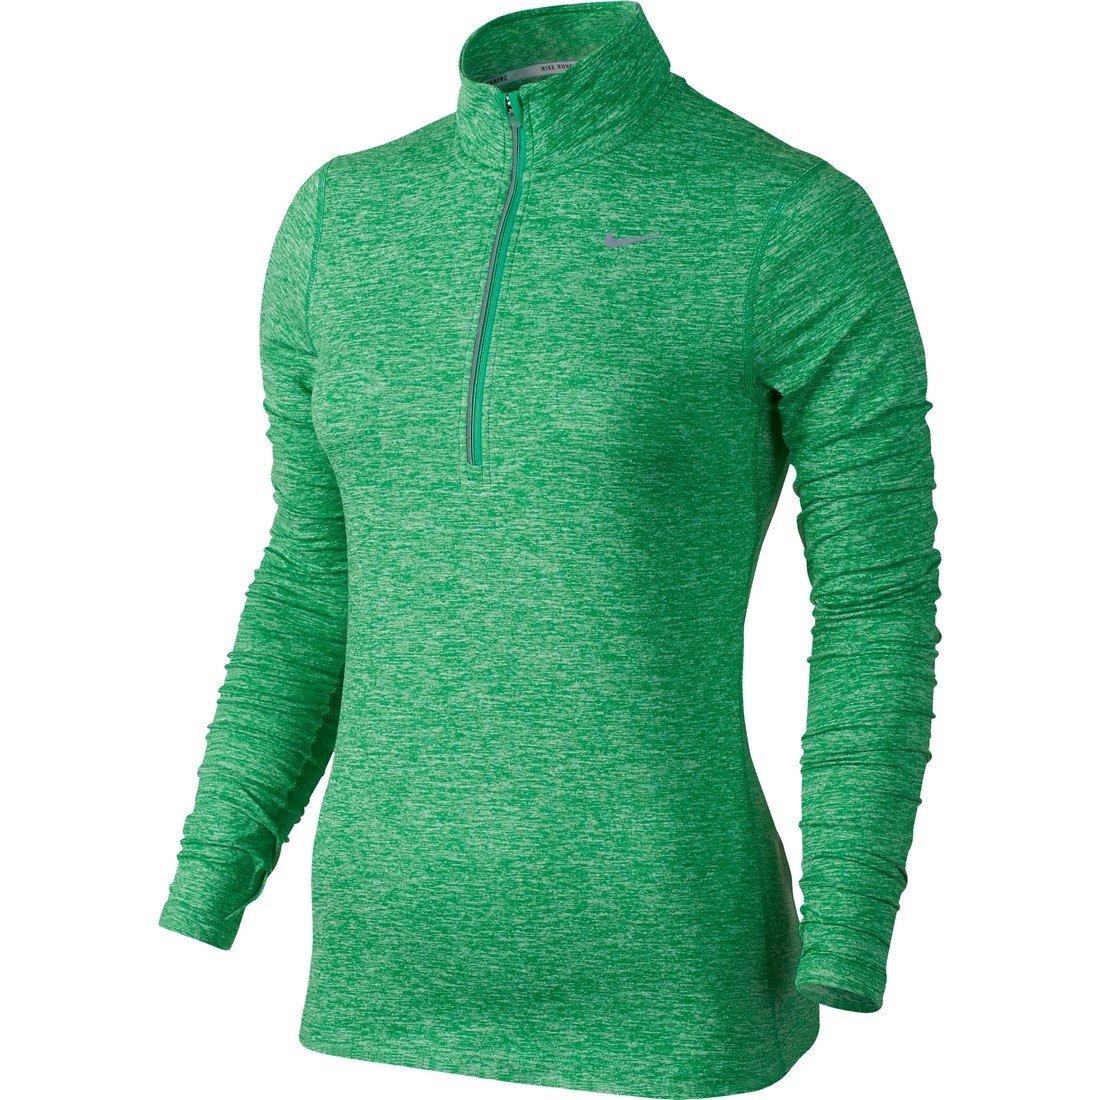 5cdd5026ab9b Galleon - Nike Womens Element Half Zip - X-Small - Spring Leaf